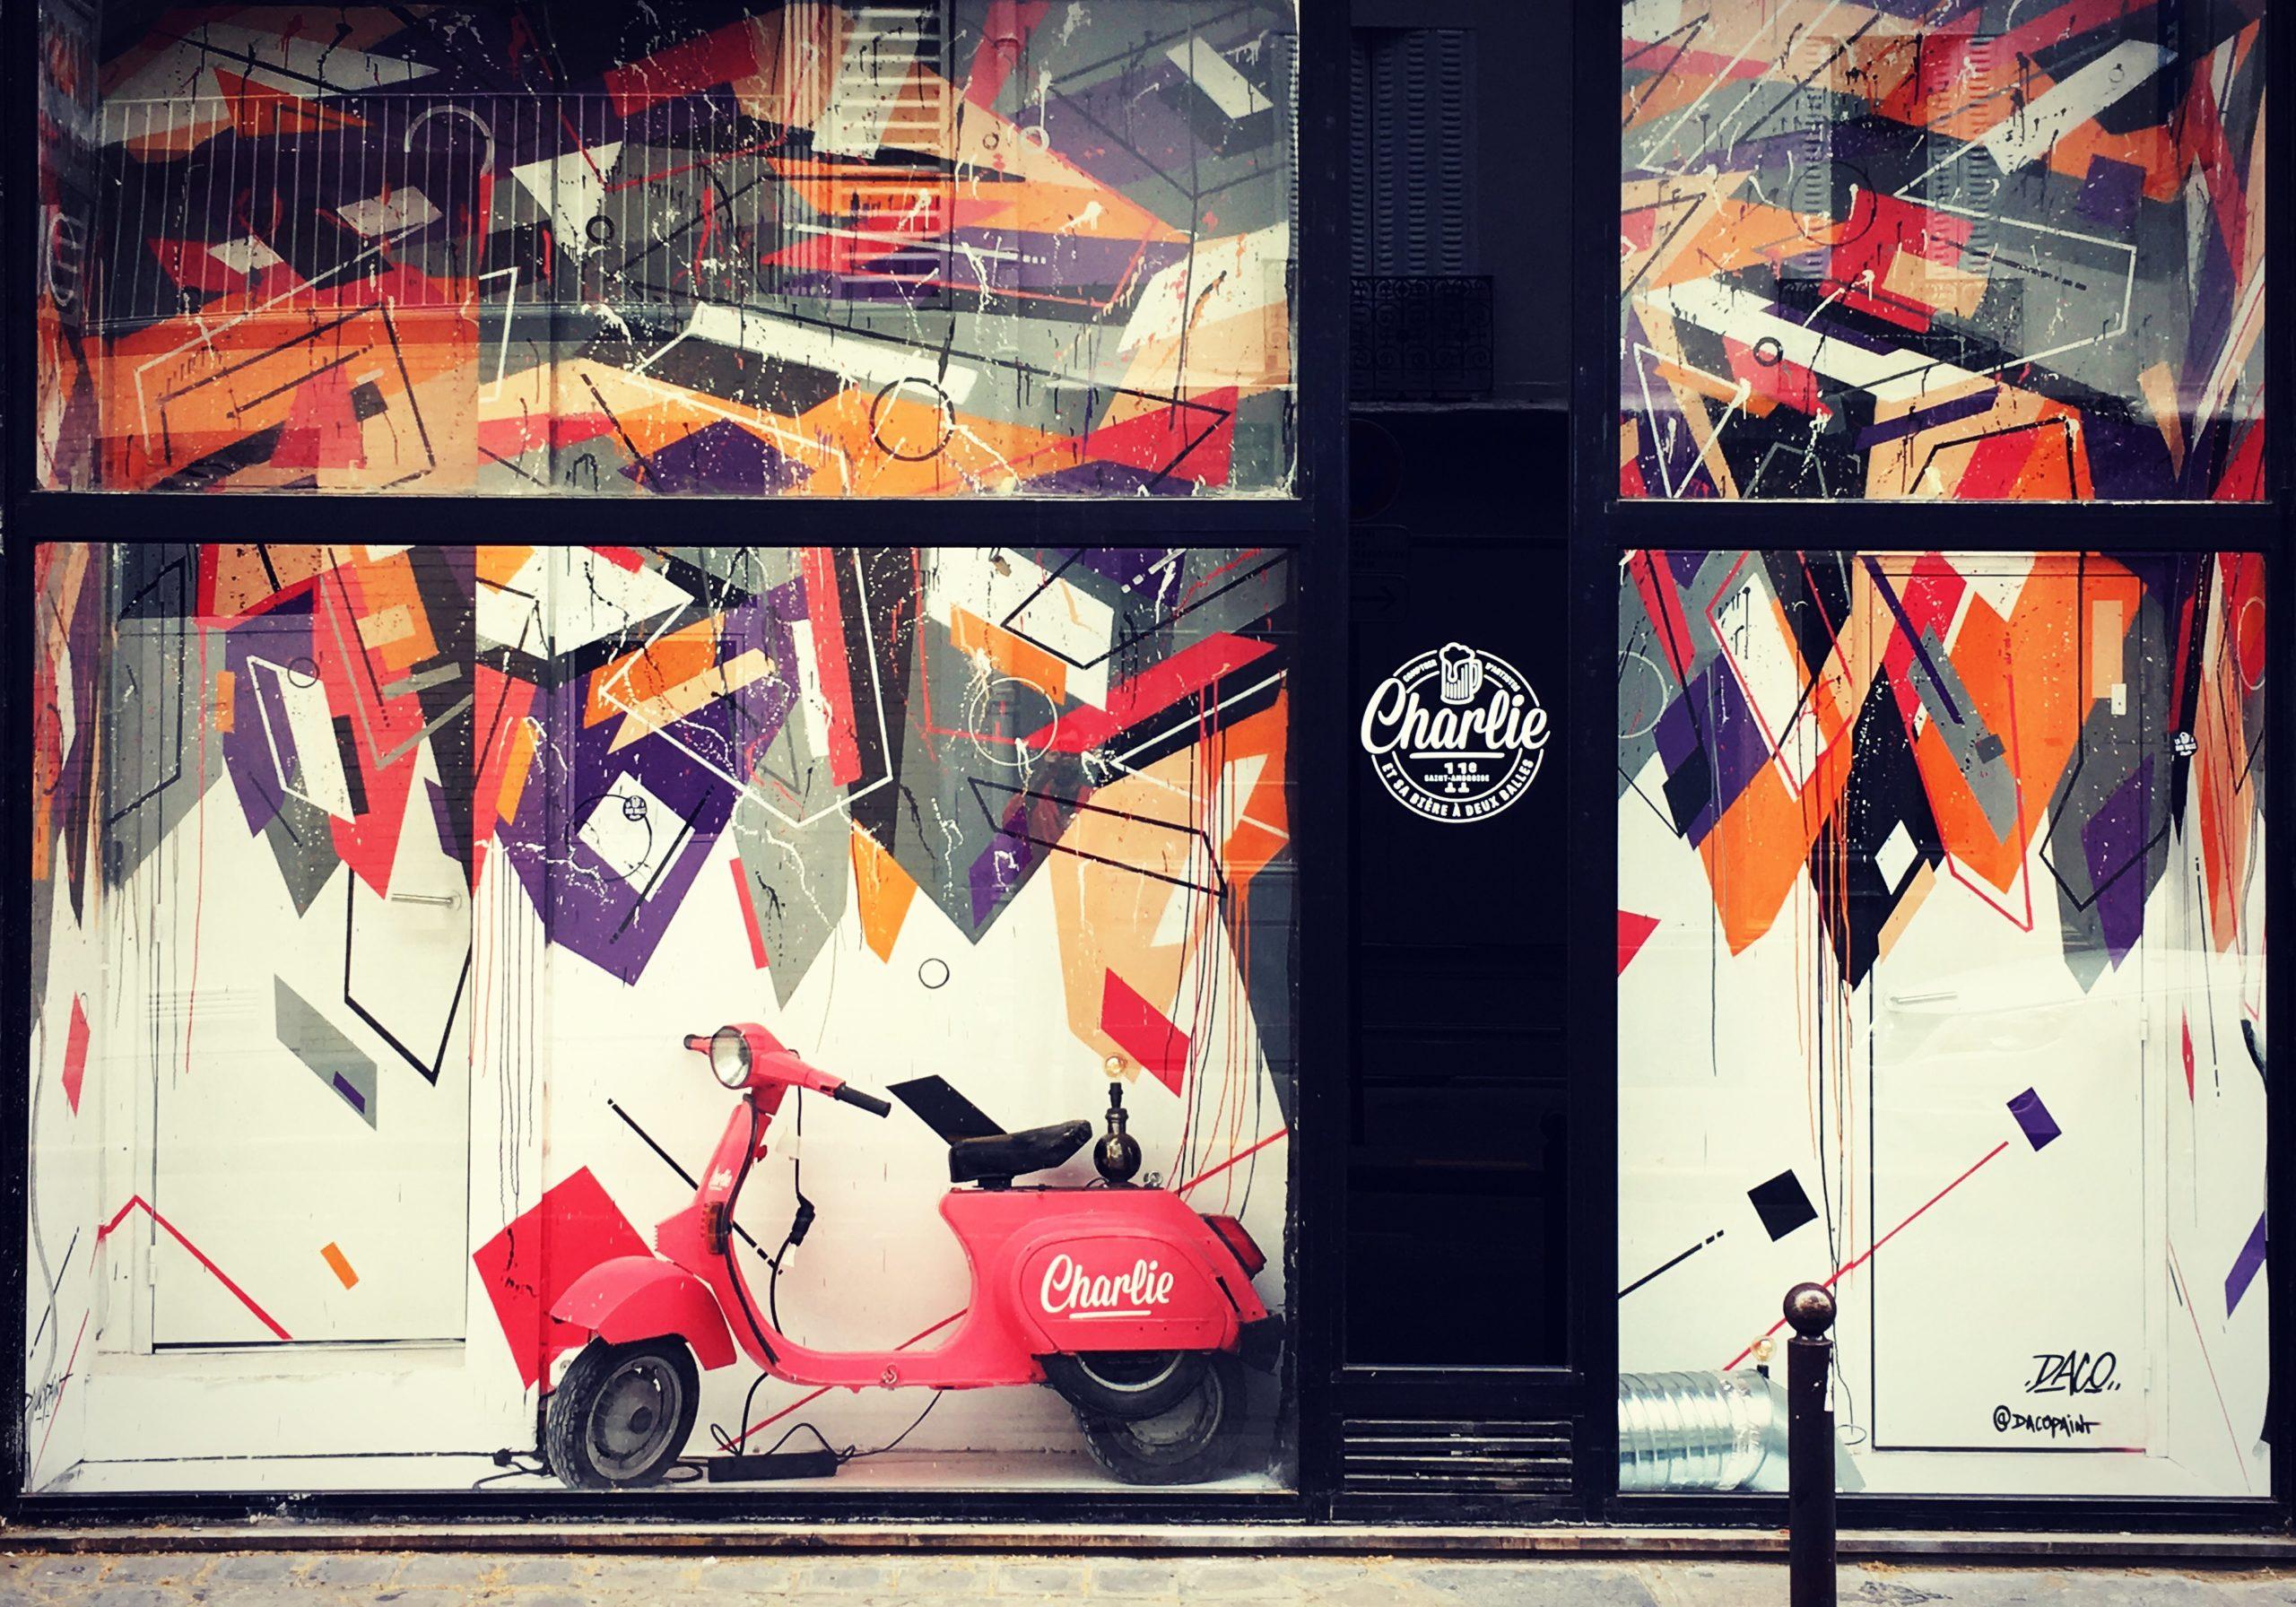 Fresque Graffiti construction abstraite réalisée par Daco